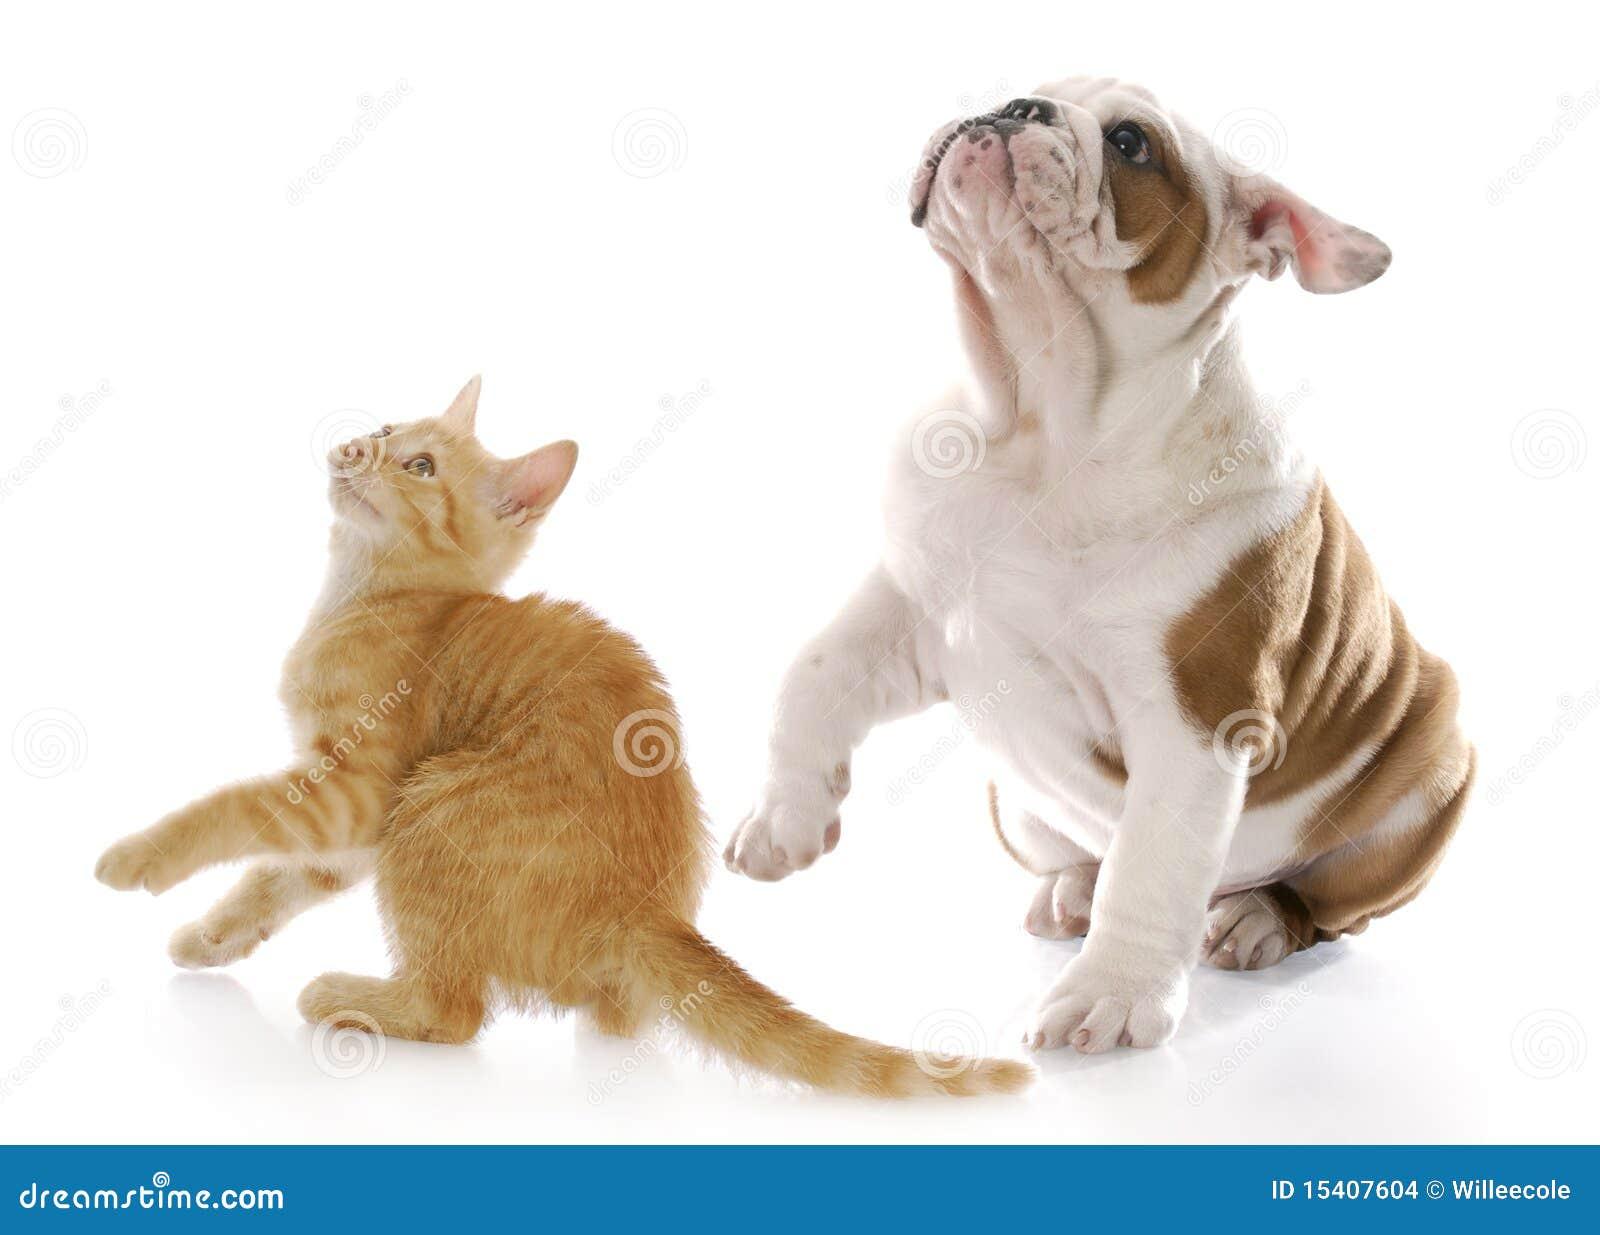 猛鬼出笼之艳鬼�y��_它脾气是最好的,不争宠,对猫家